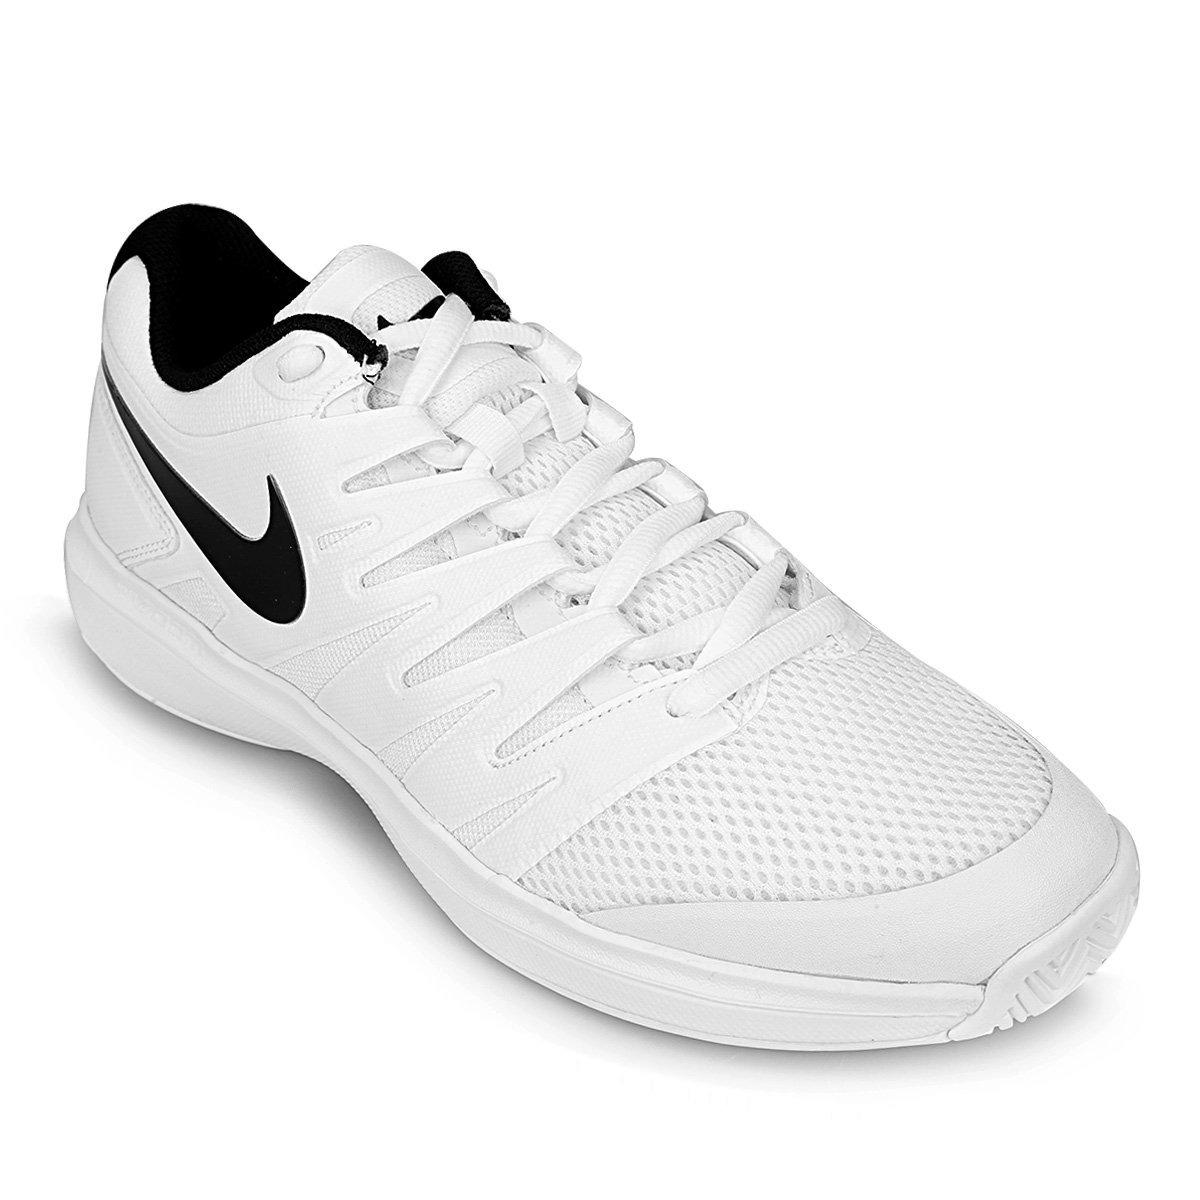 zapatillas nike air zoom prestige - tenis - hombre. Cargando zoom. 2473330abbc